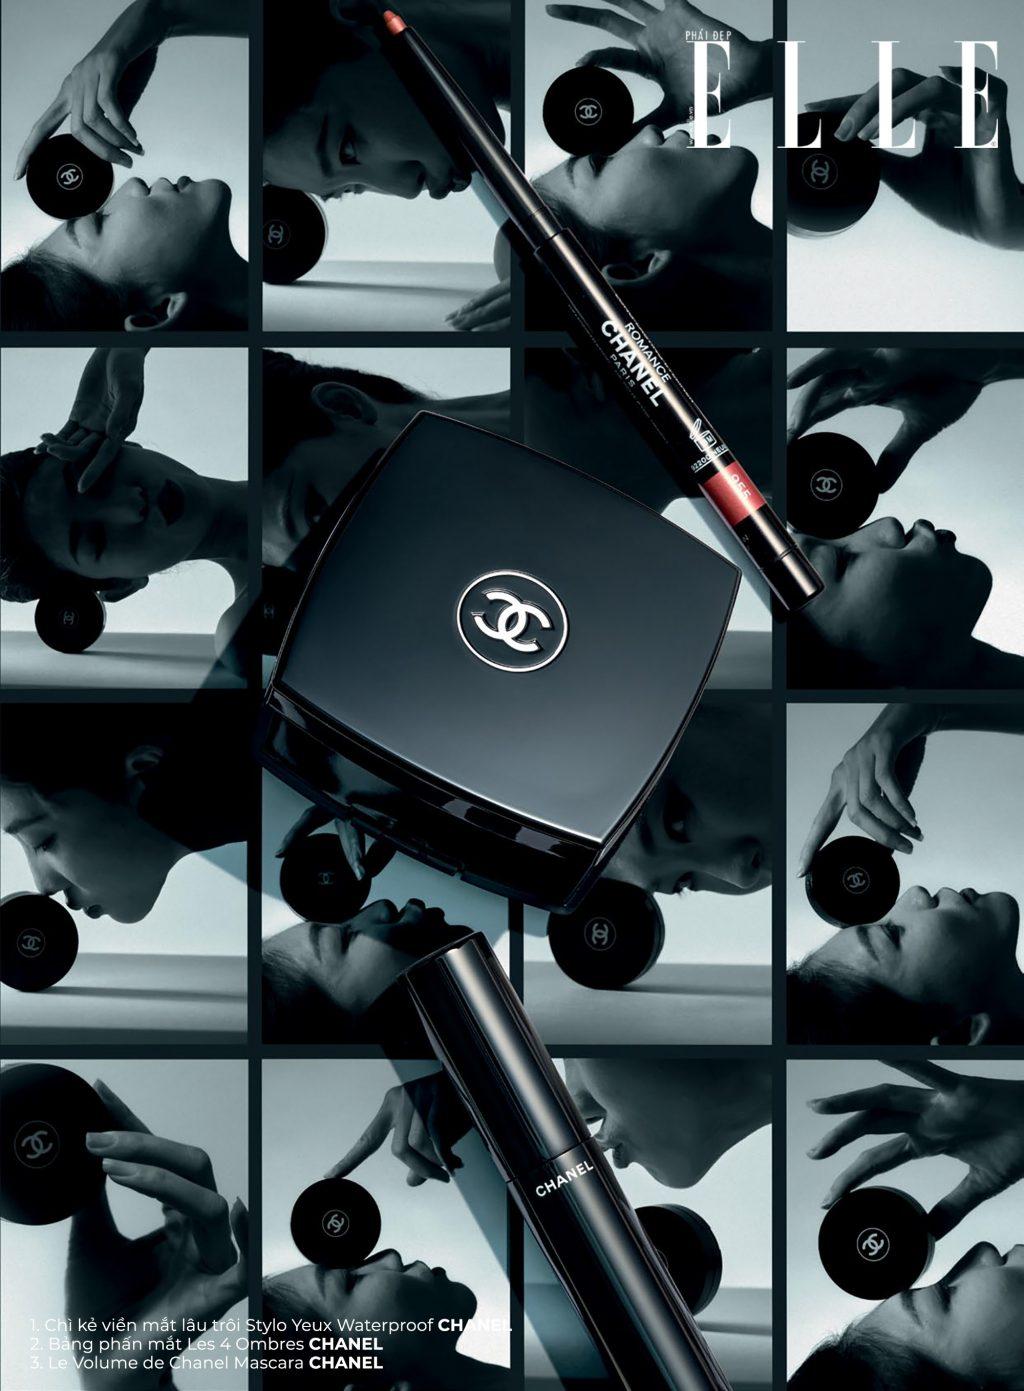 trang điểm sản phẩm của Chanel